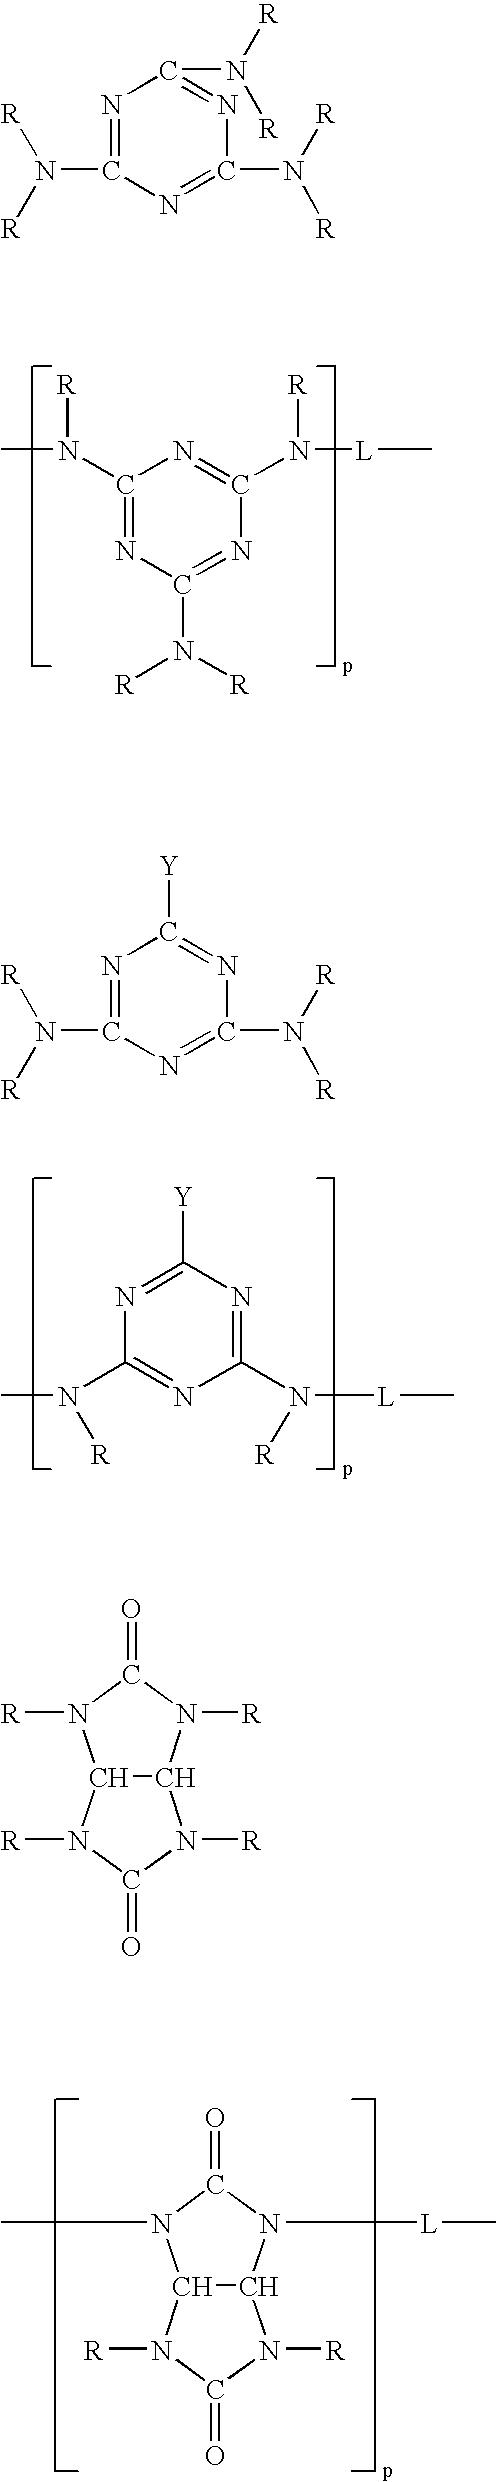 Figure US20050194752A1-20050908-C00011